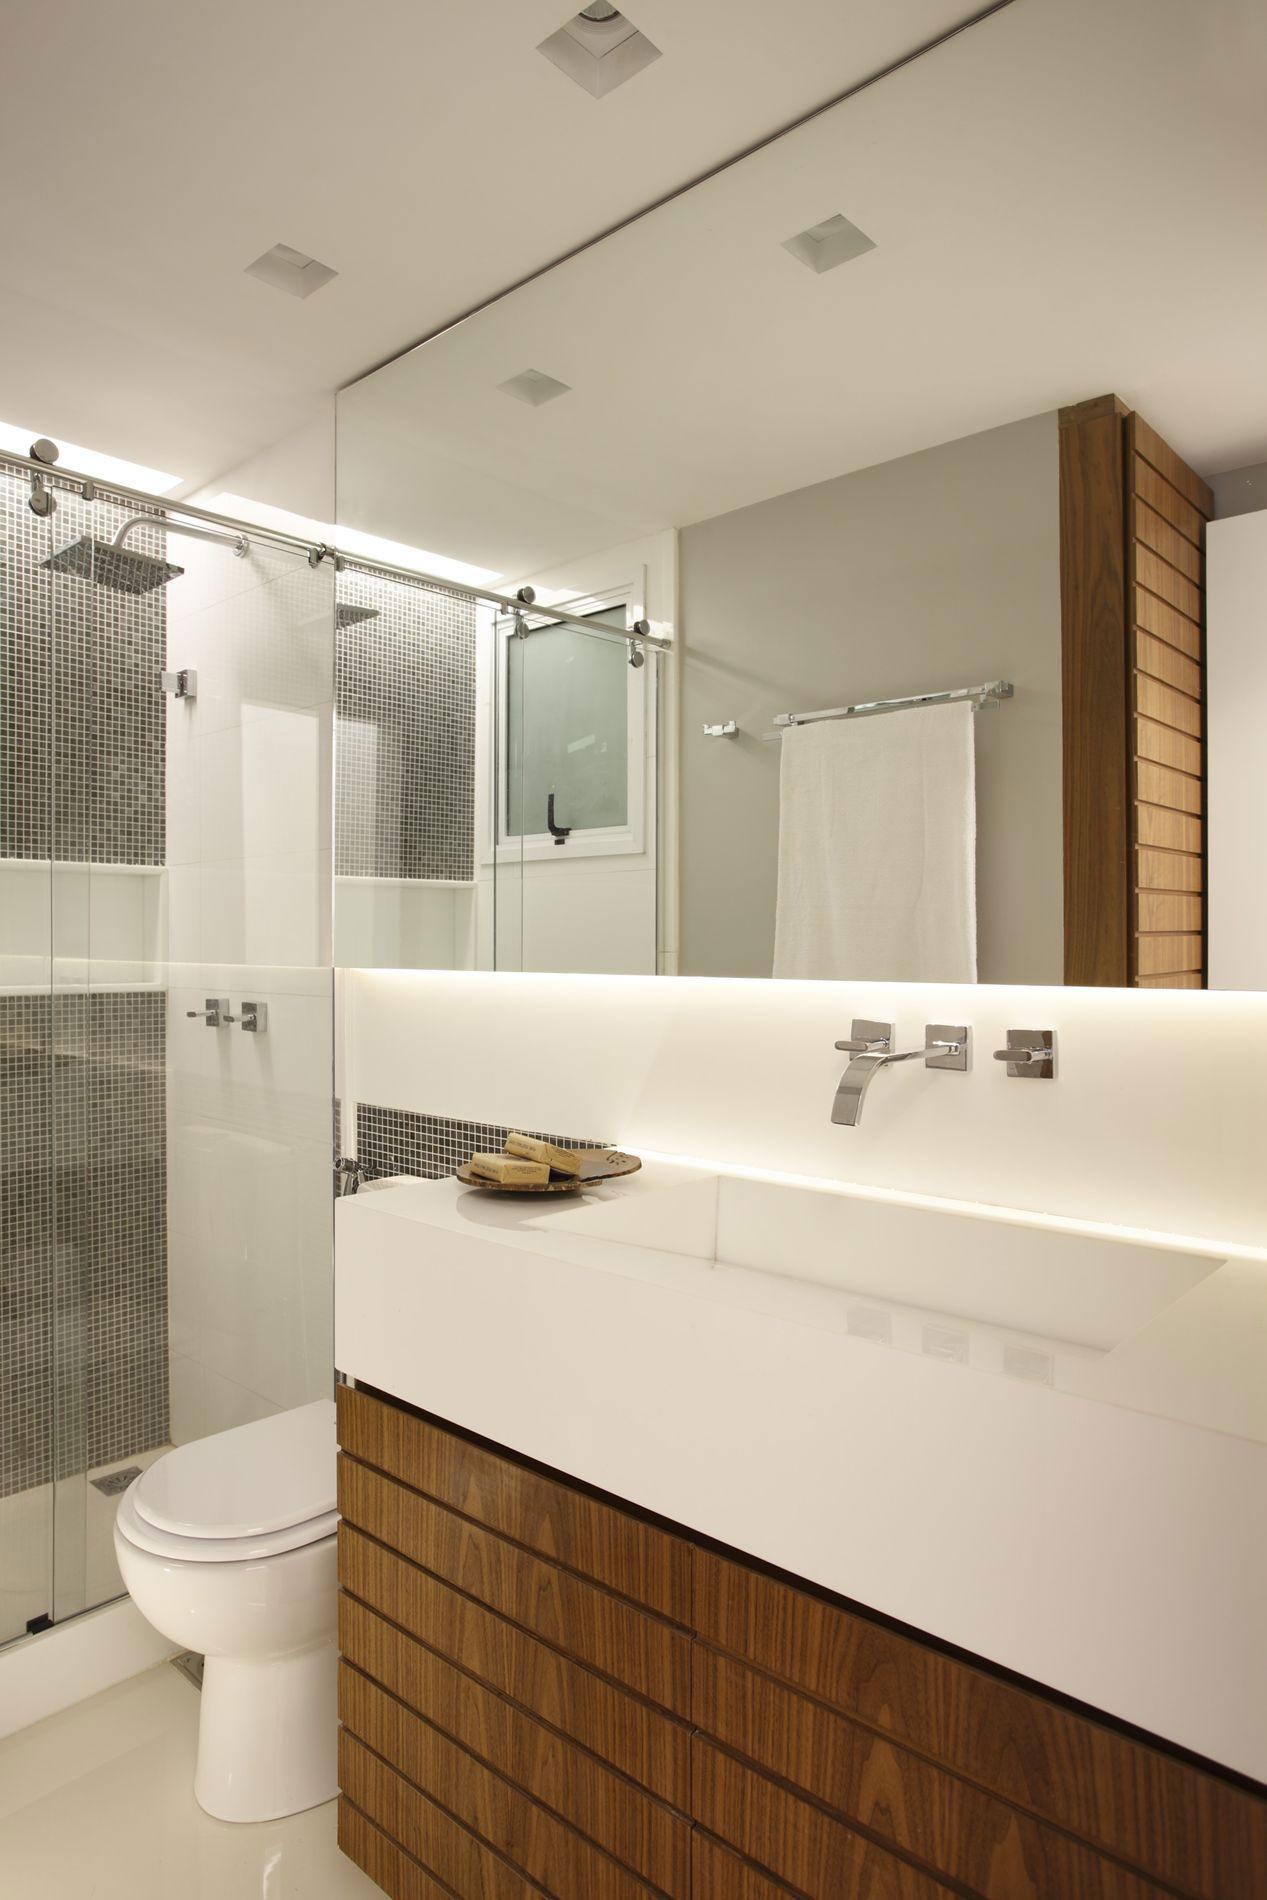 Gabinete para Banheiro: 65 Modelos e Como Escolher #653F1D 1267x1900 Banheiro Cinza Pequeno